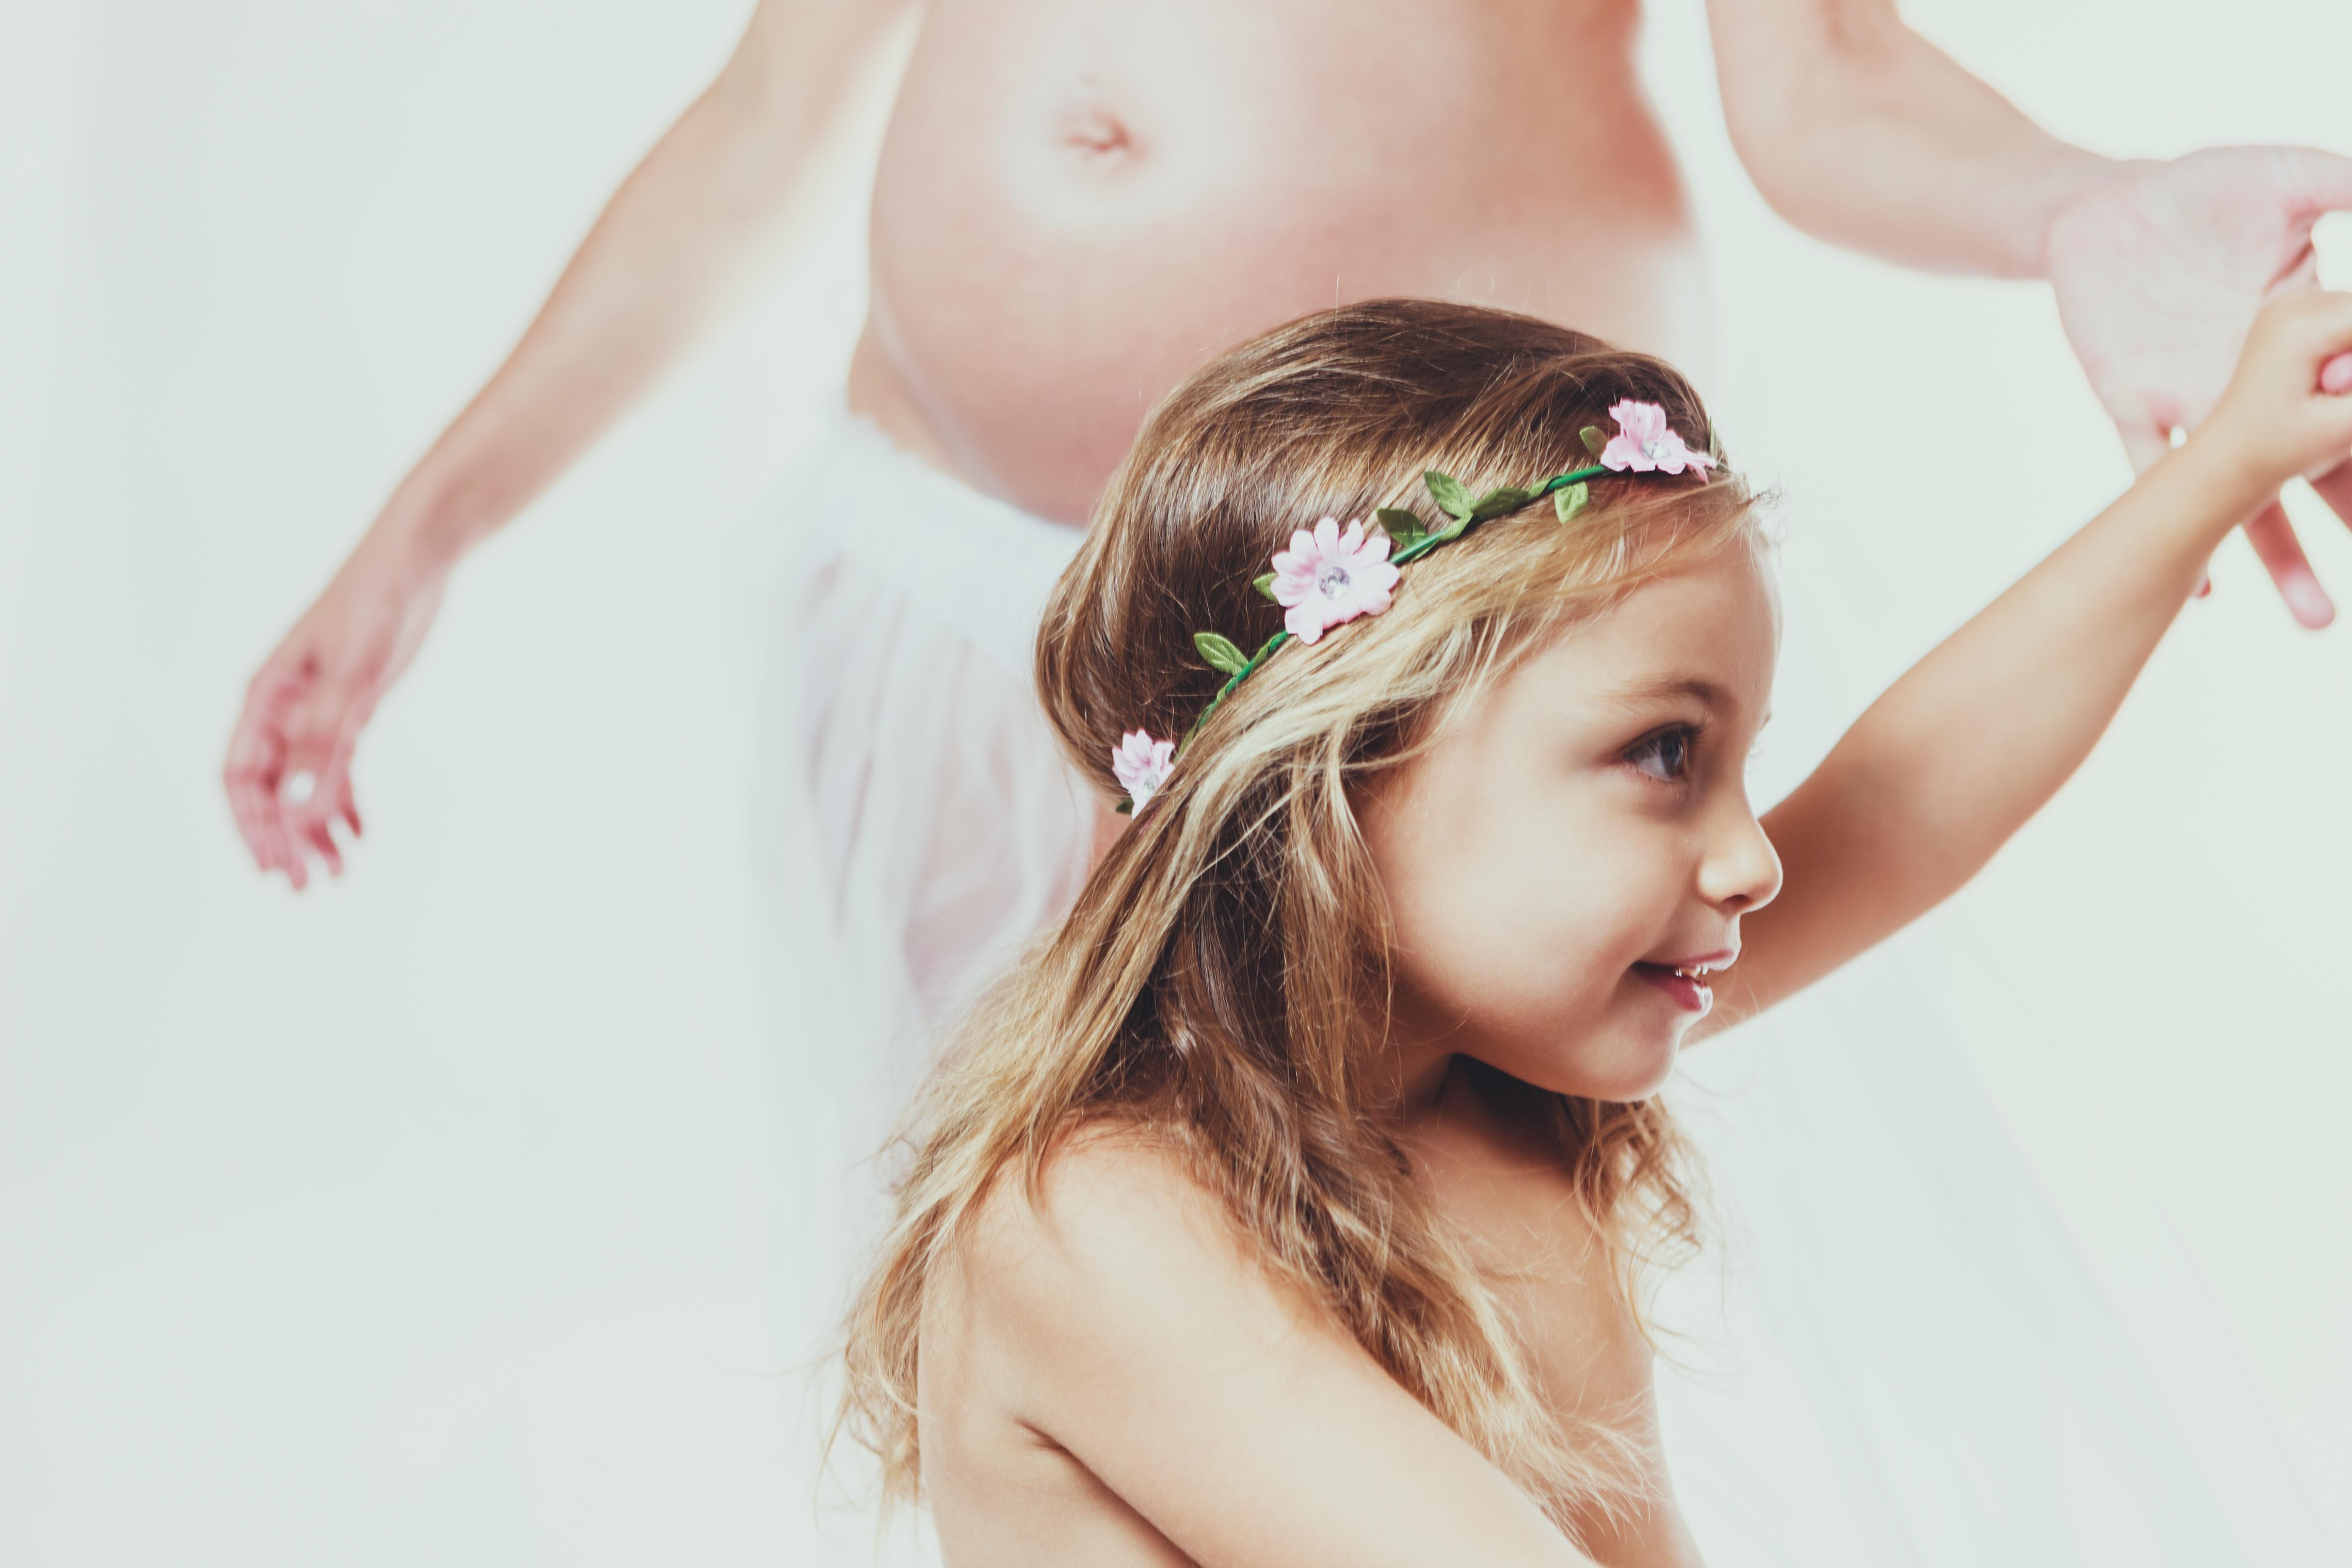 La mia piccola, grande bambina…